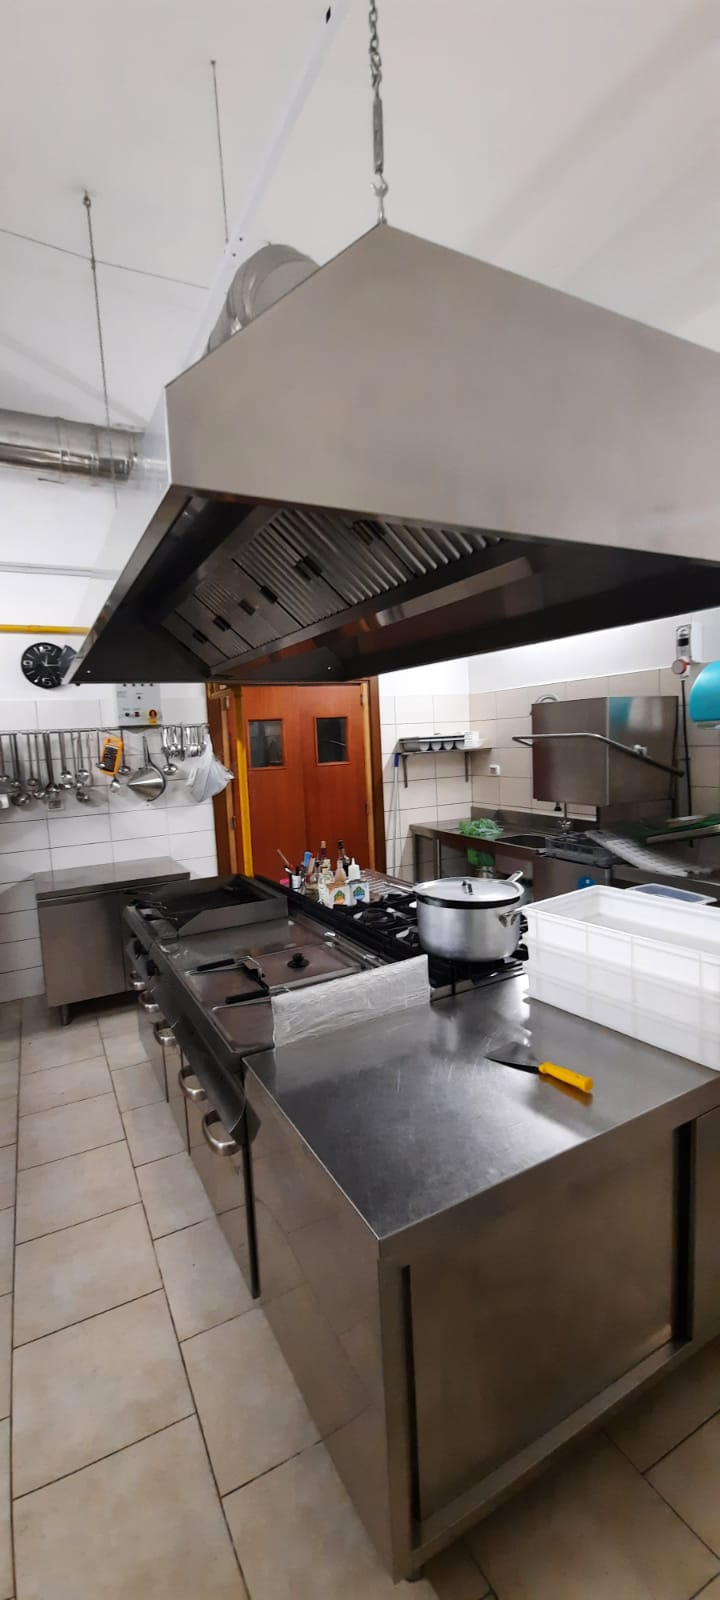 Cucina completa, sala e bar in vendita - foto 1